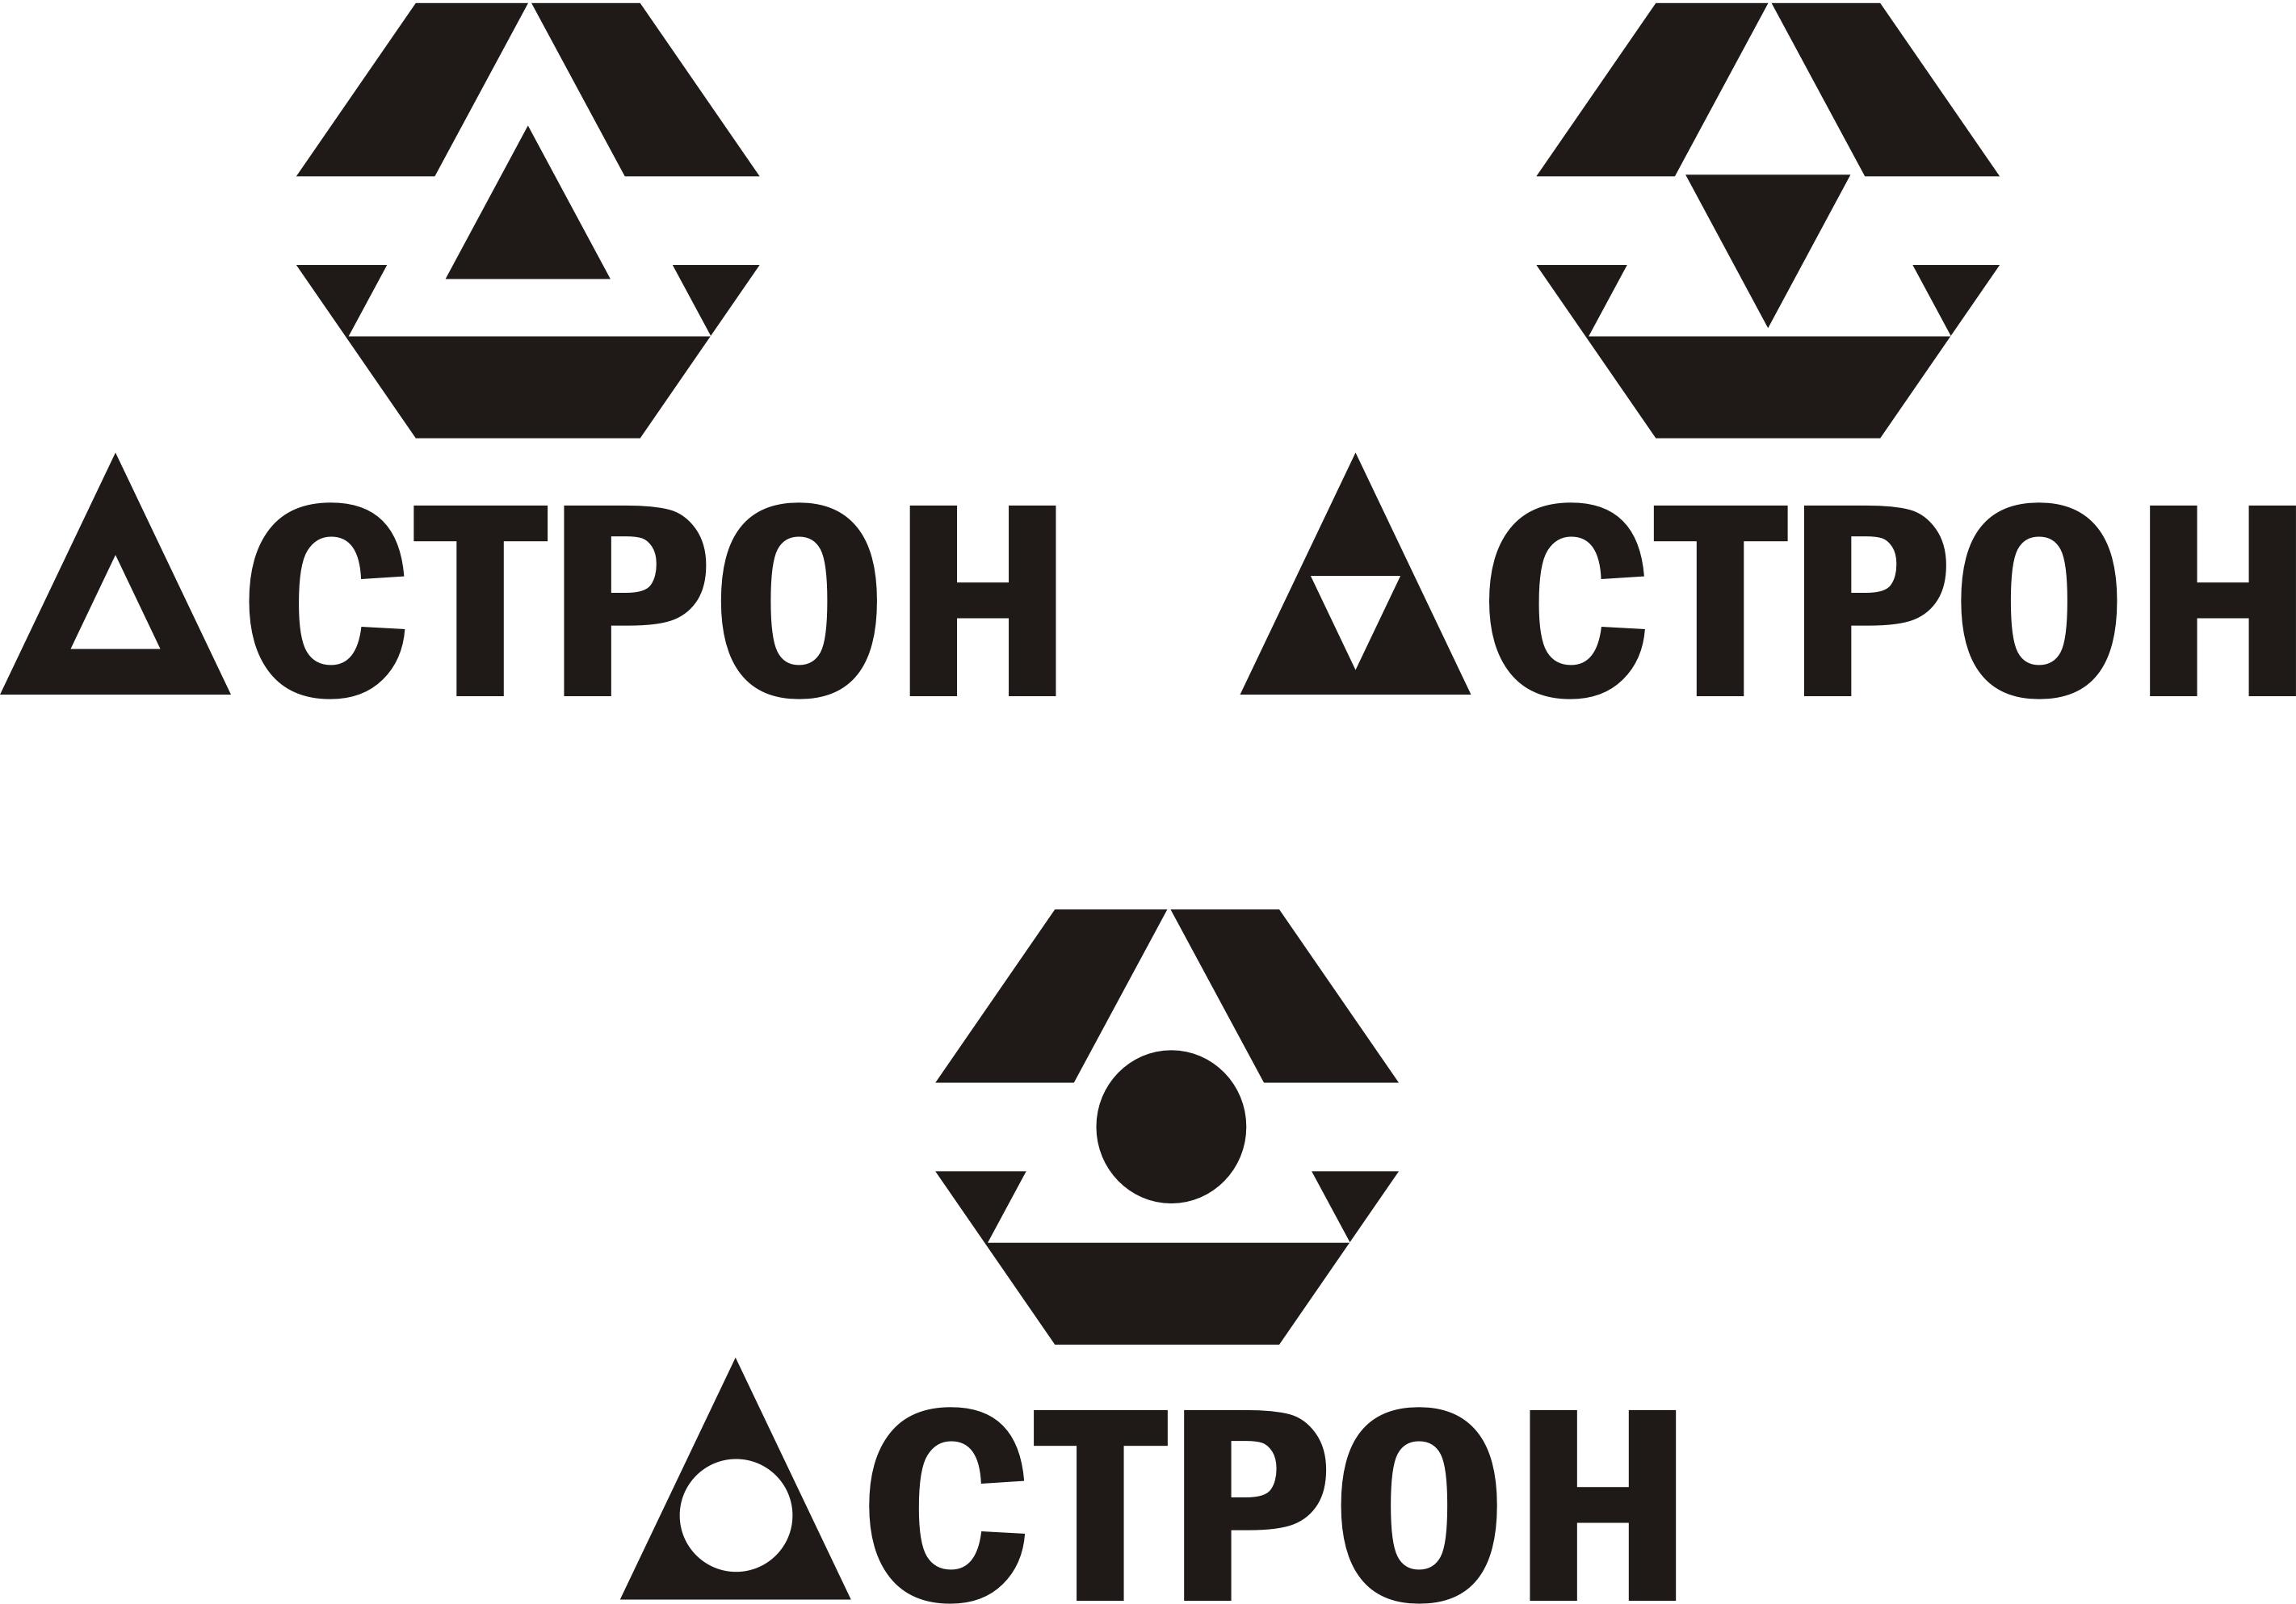 Товарный знак оптоэлектронного предприятия фото f_37053fadd50e52e5.png